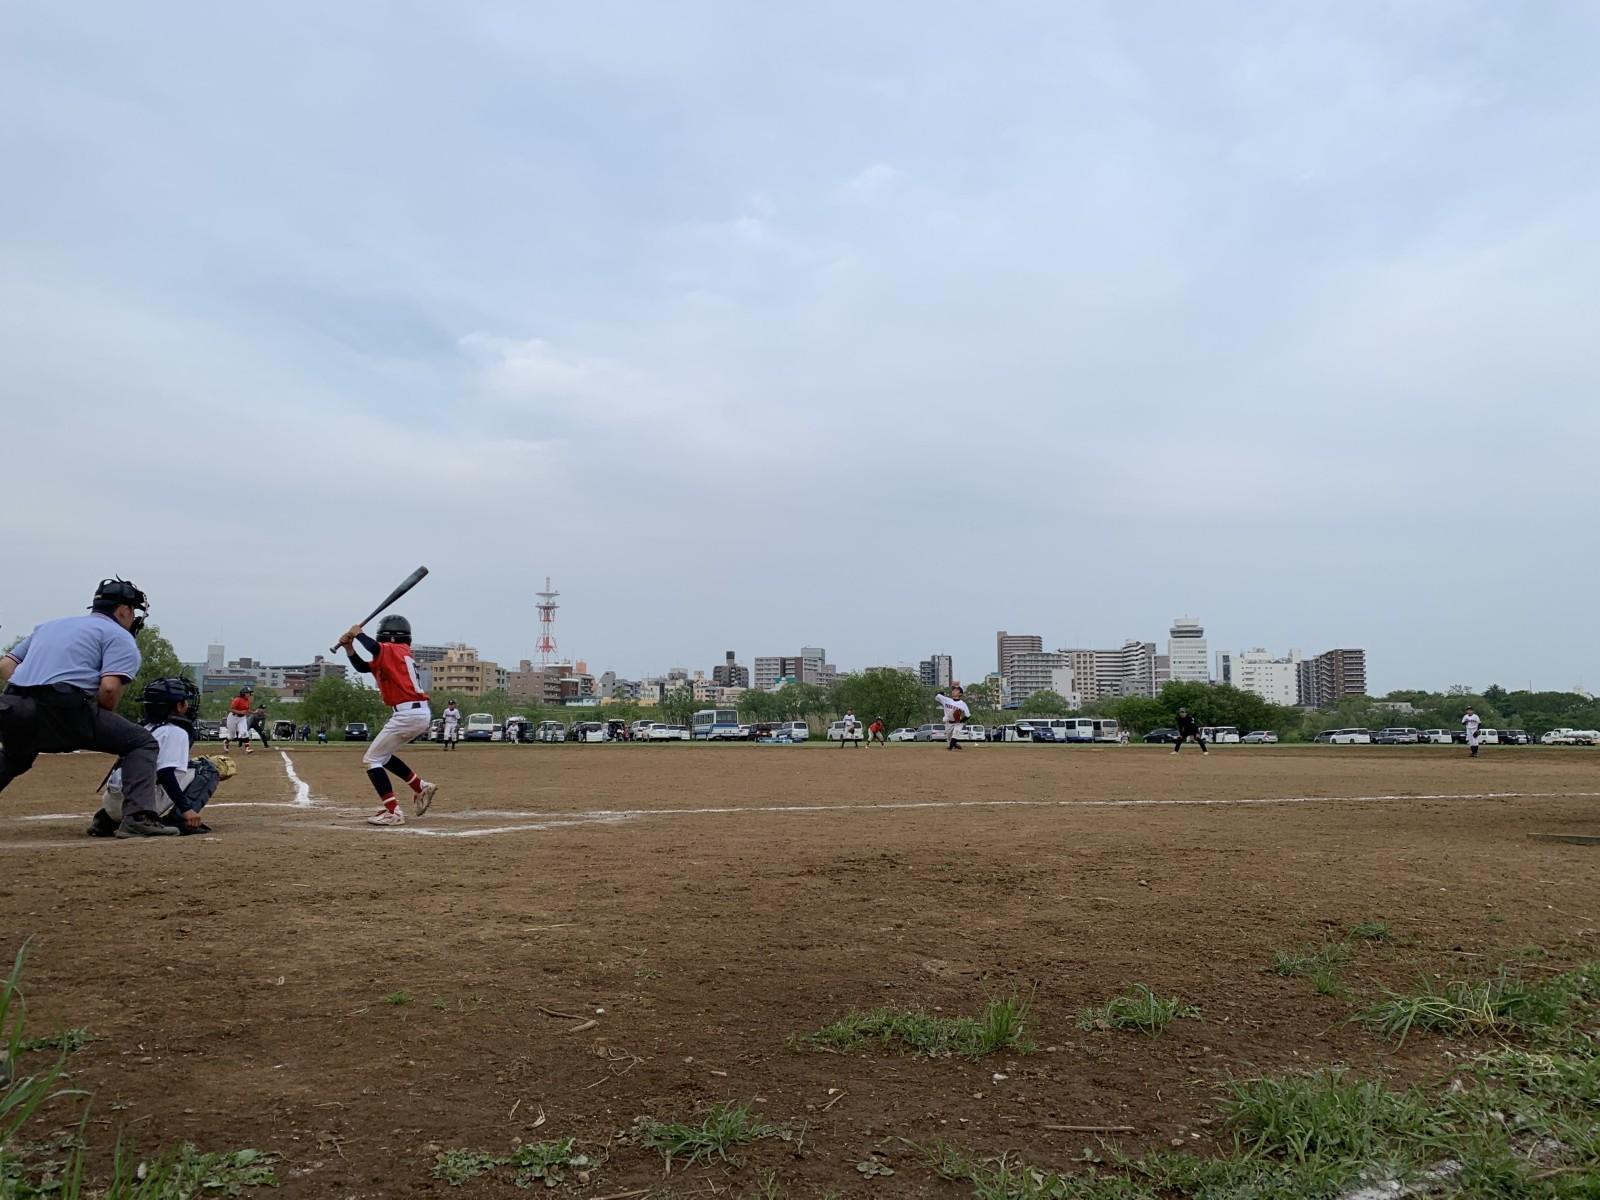 2019.05.03 2019年葛飾シニアルーキーズカップ オープン戦 江戸川北リトルシニア戦